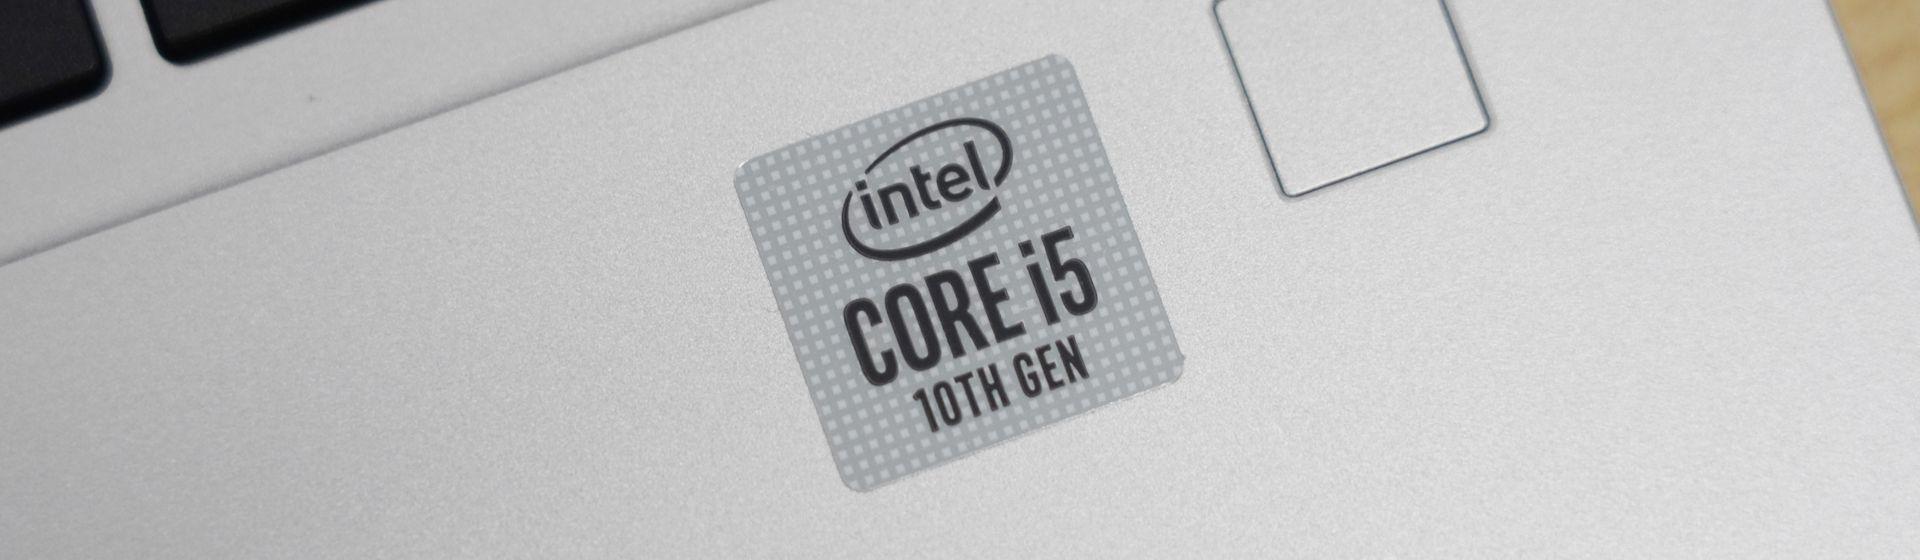 Processador i5 é bom? Entenda tudo sobre as CPUs da Intel